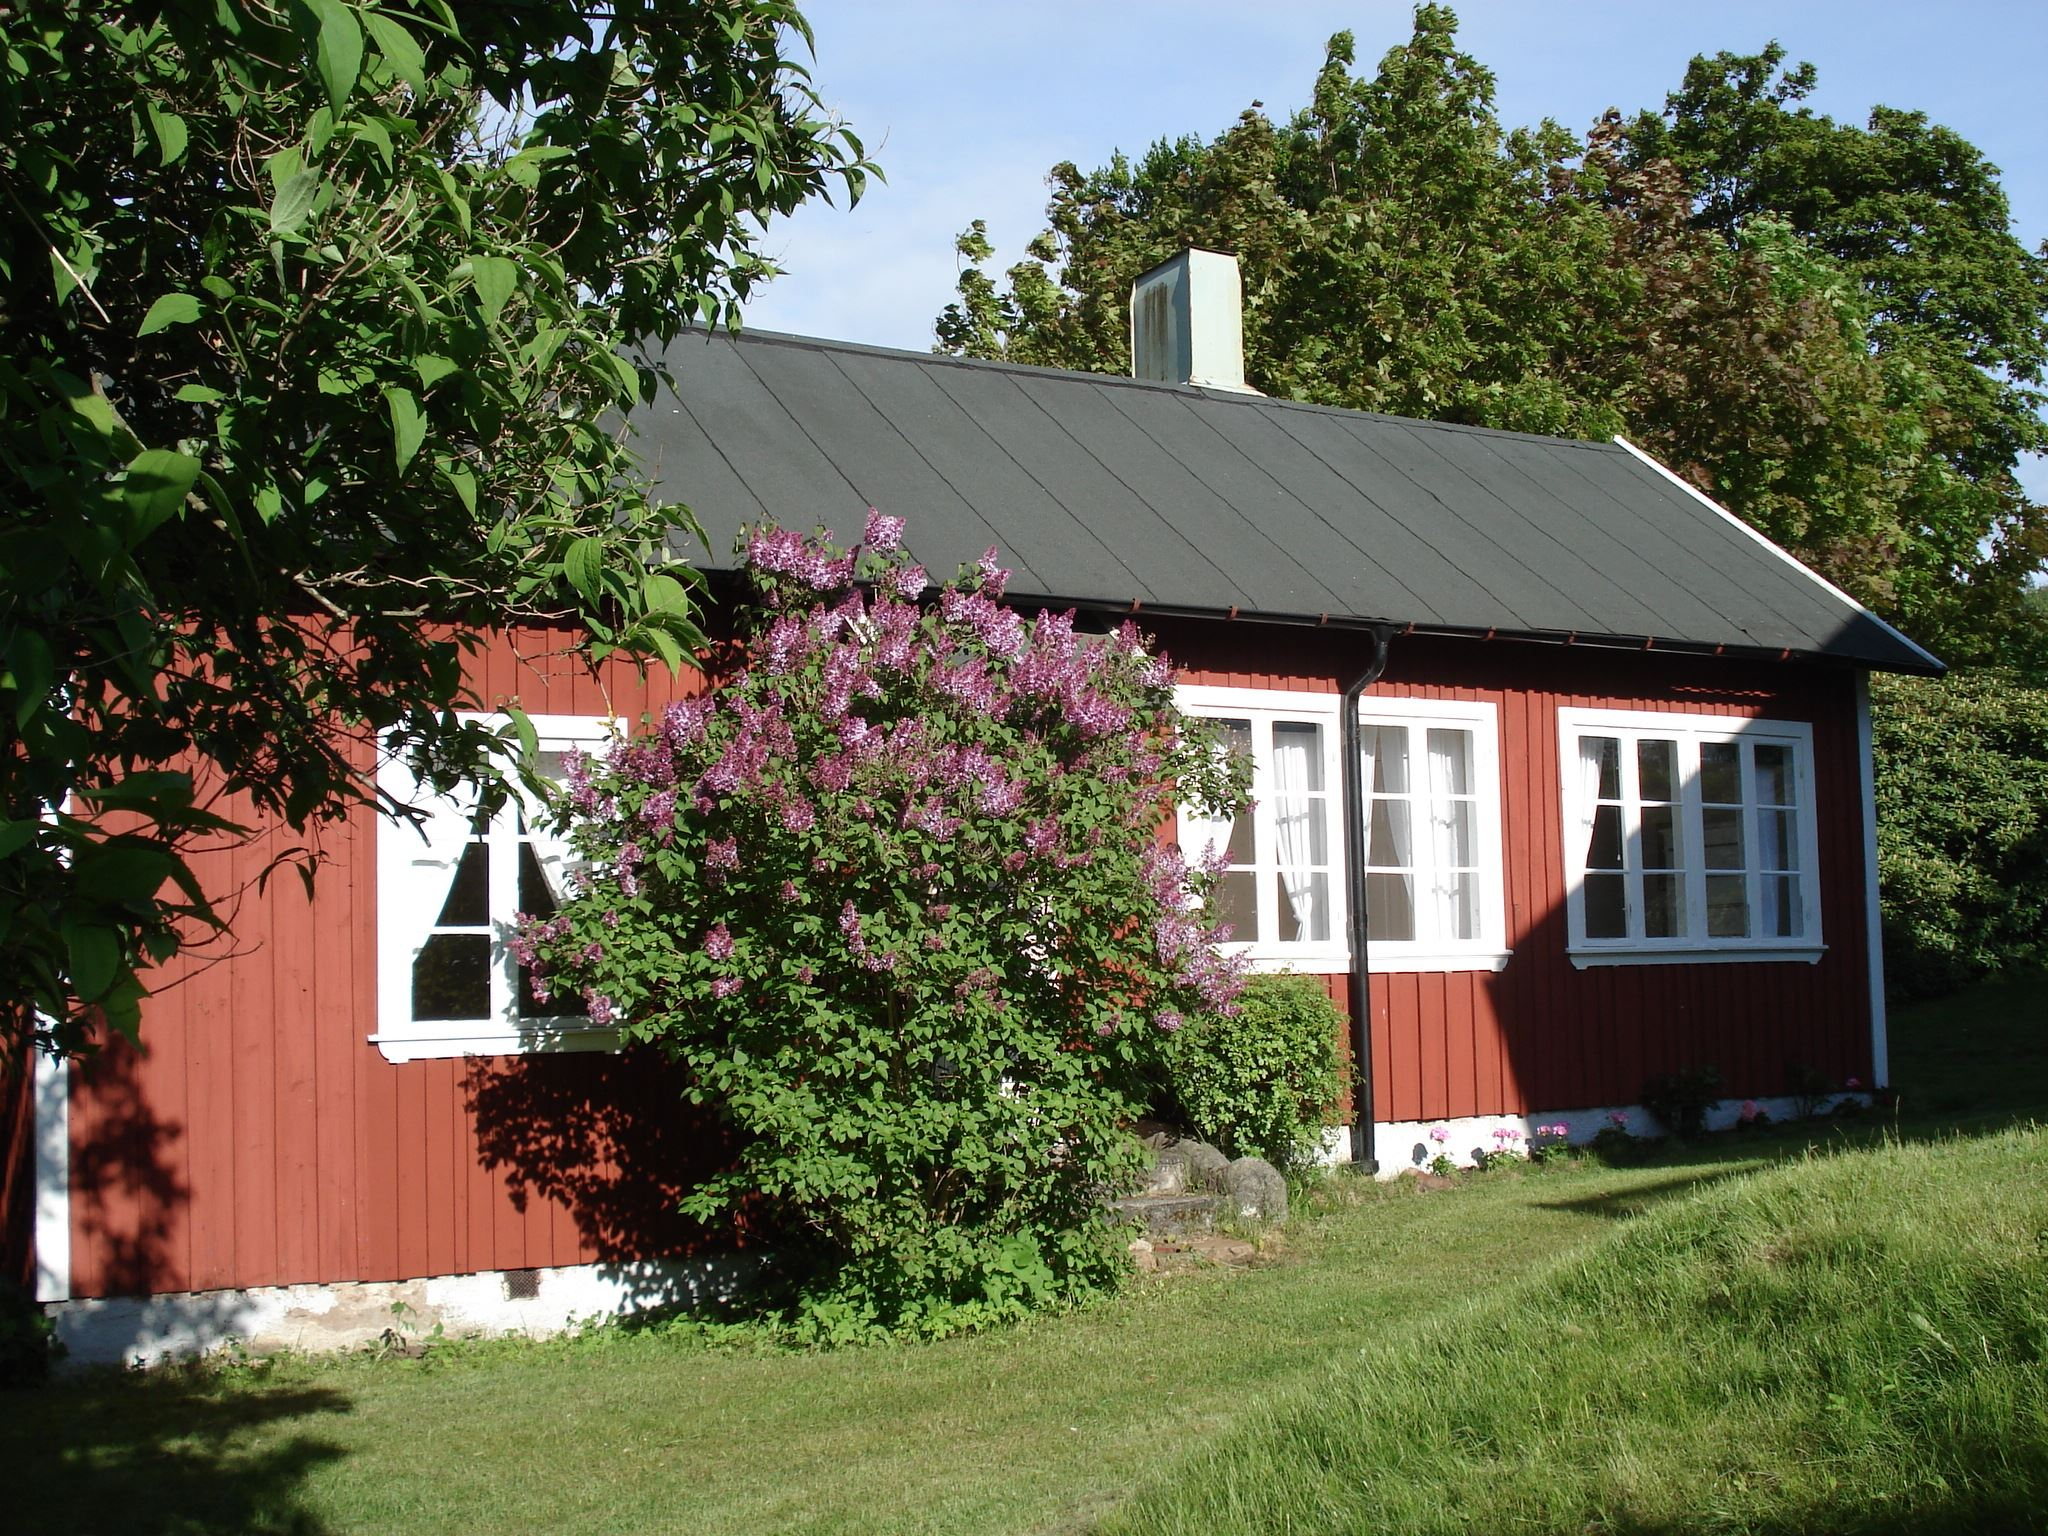 Boende-Båstad(Catharina von Post Mannheimer)